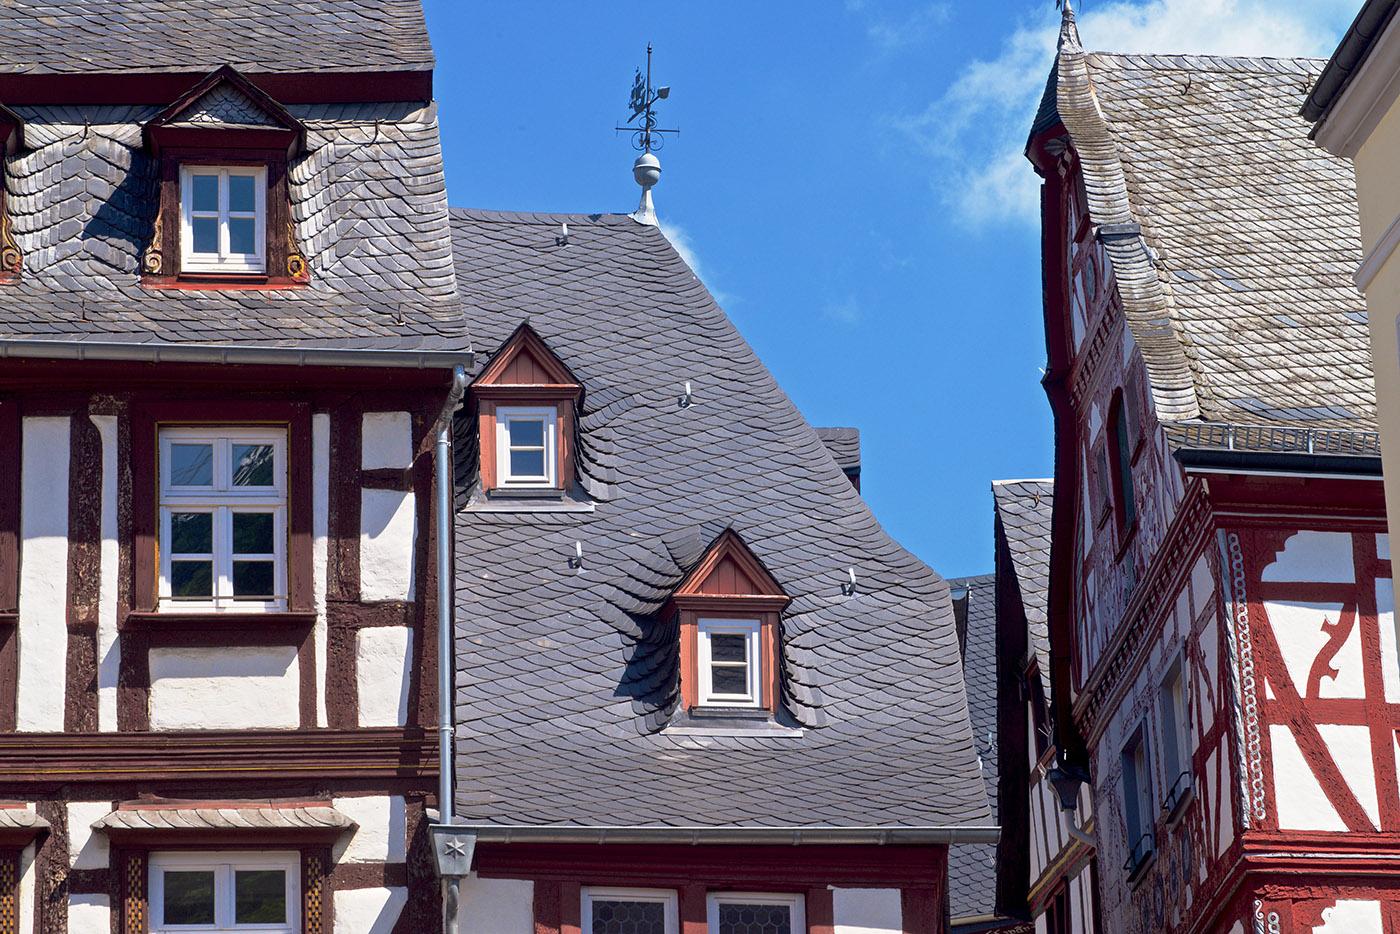 Schieferdächer der Historischen Gebäude in Bernkastel Kues. Kunde Dachdecker Herges